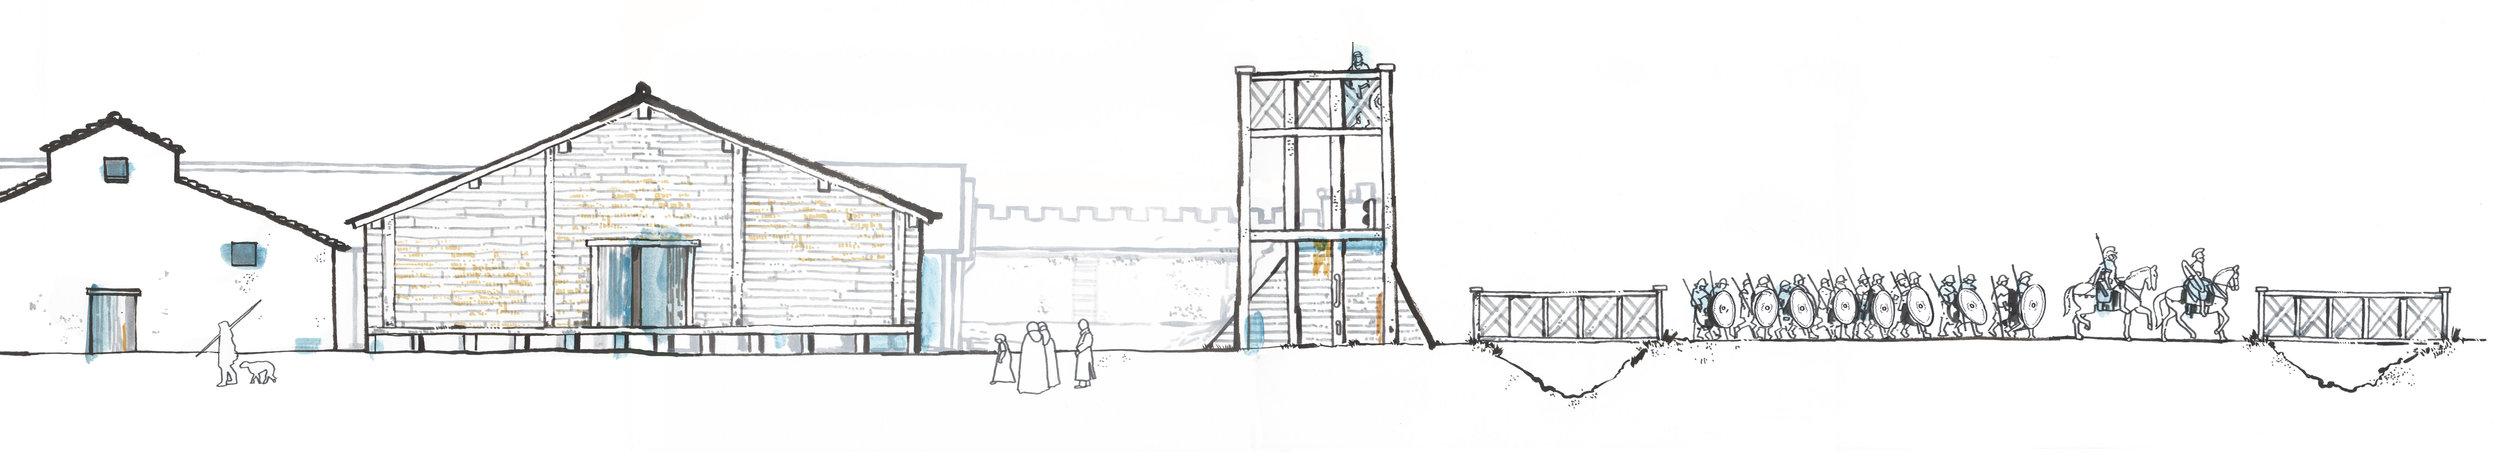 Corbridge fort Pt3-1000.jpg